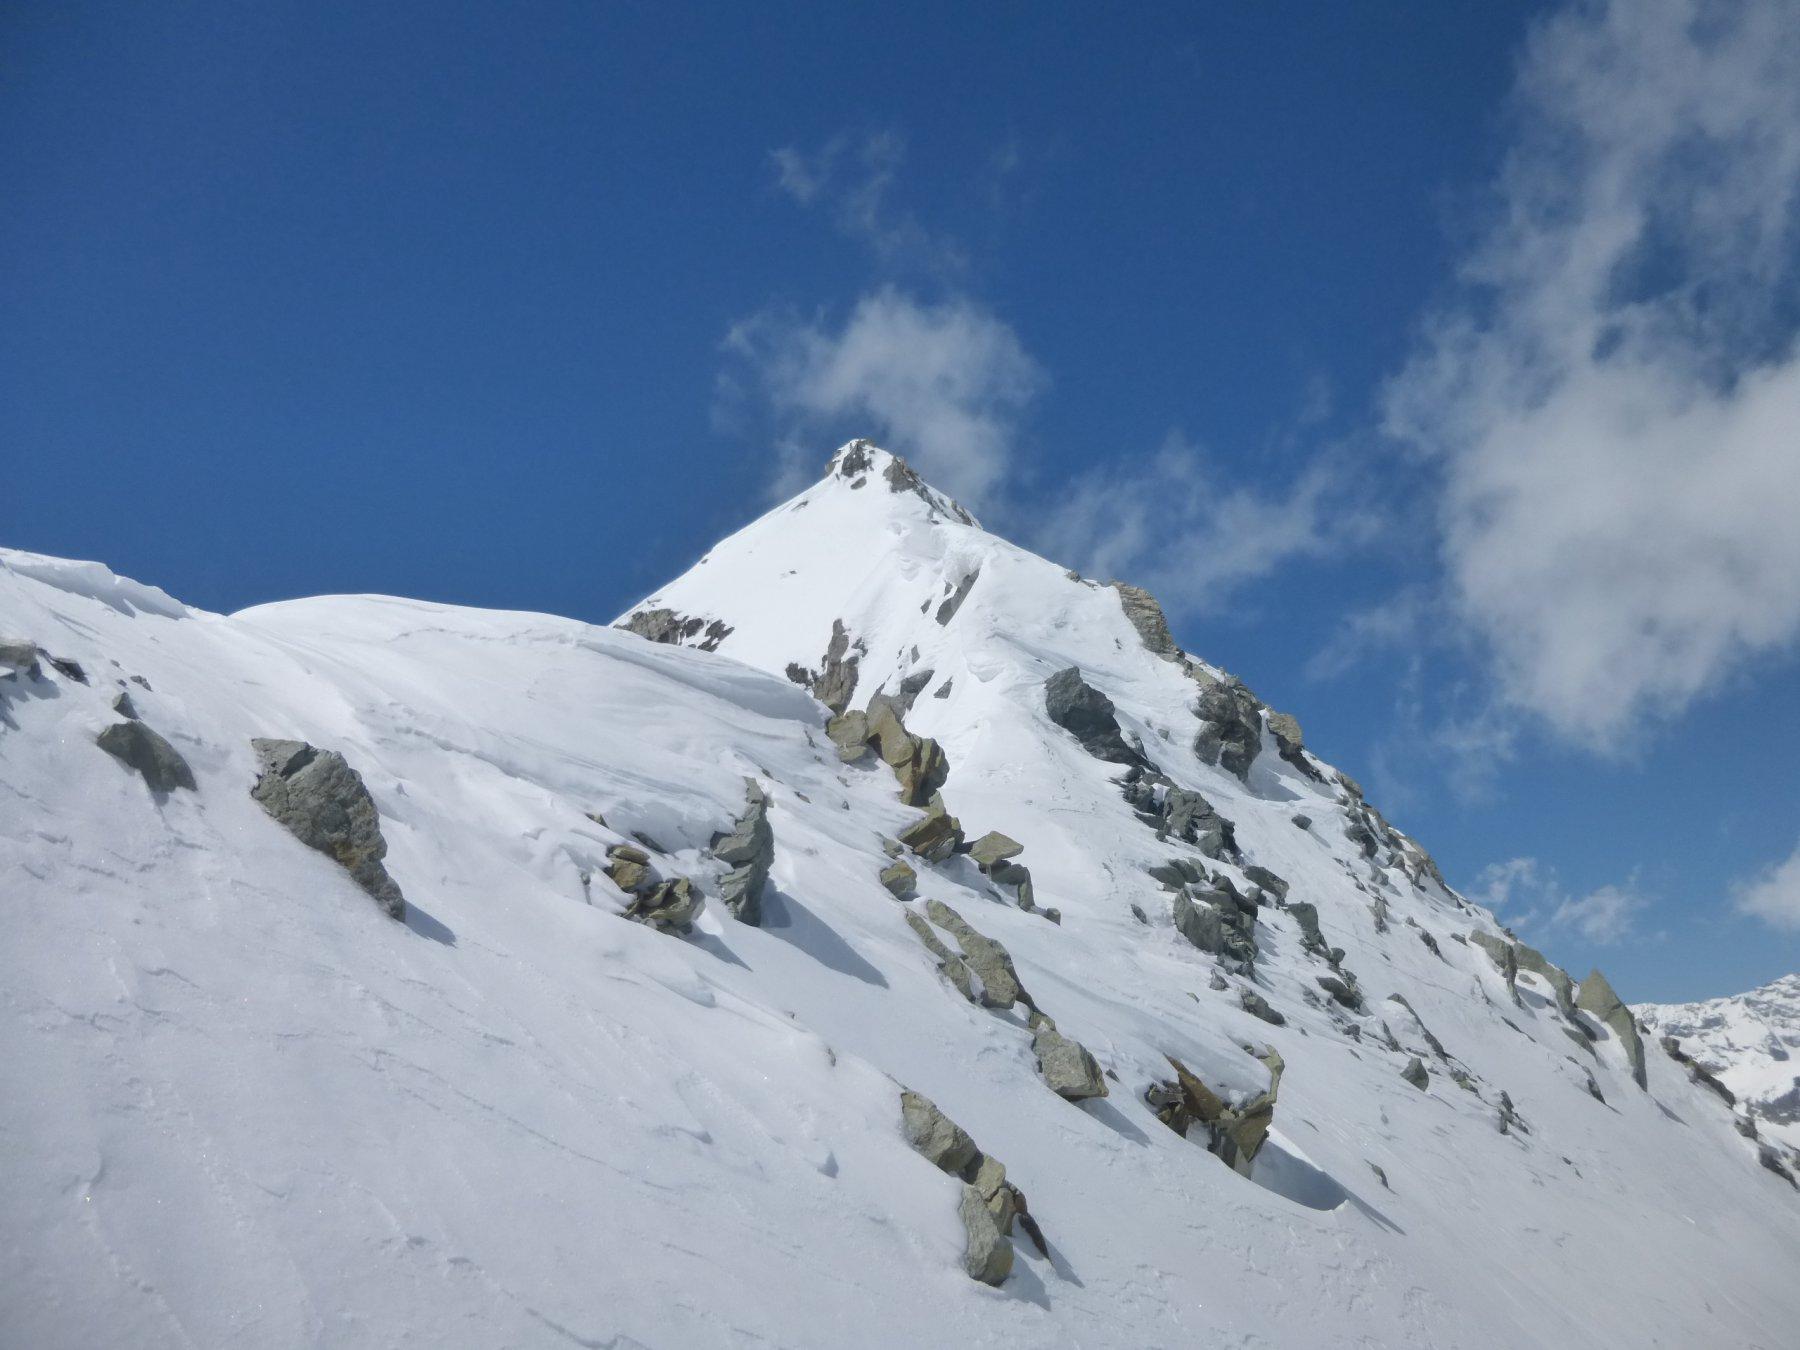 la cresta vista dal colle Blanchen Ovest.